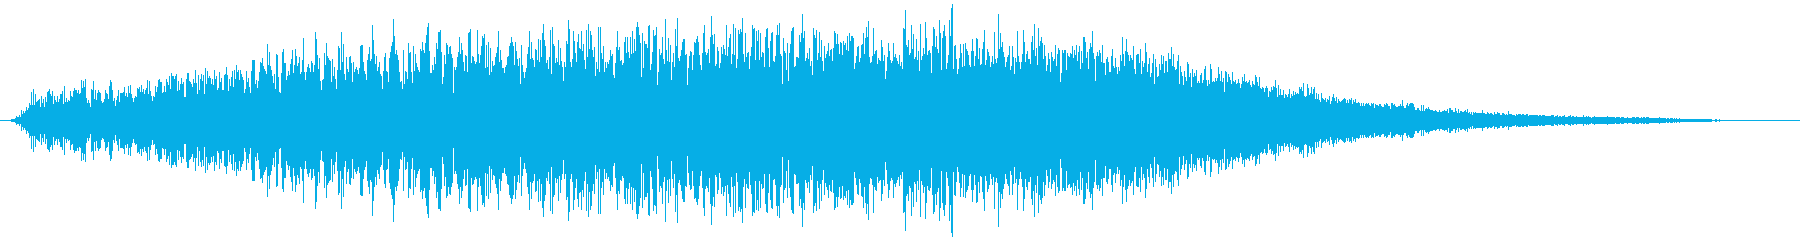 【ホラー】SFX_緊張感_04の再生済みの波形